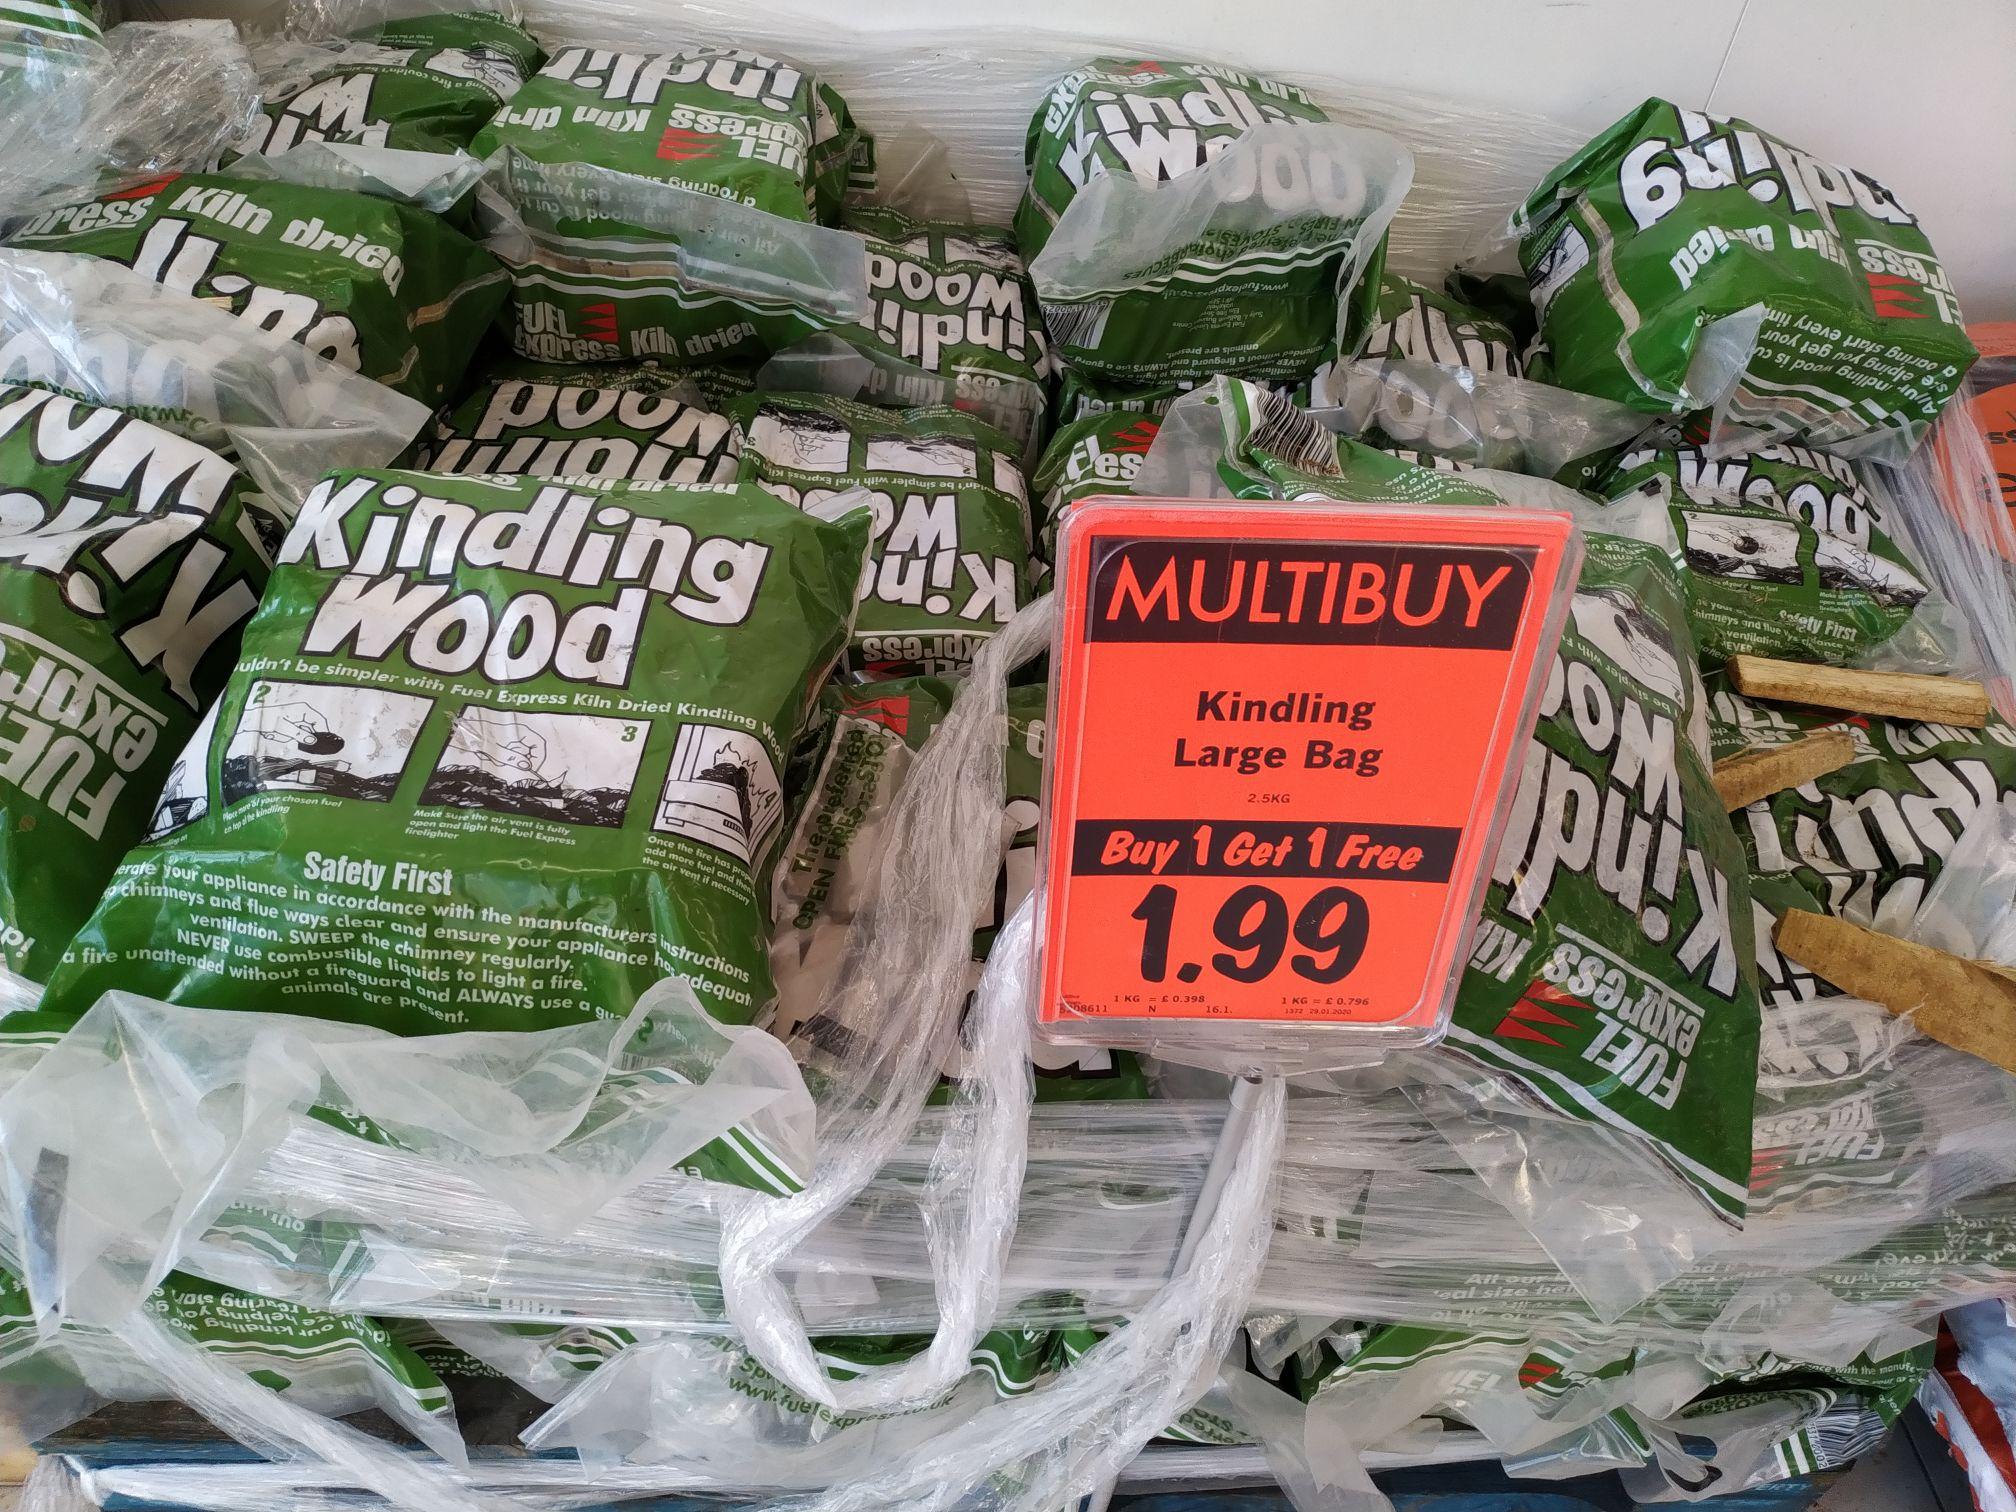 5kg of Kindling Wood - £1.99 @ Lidl